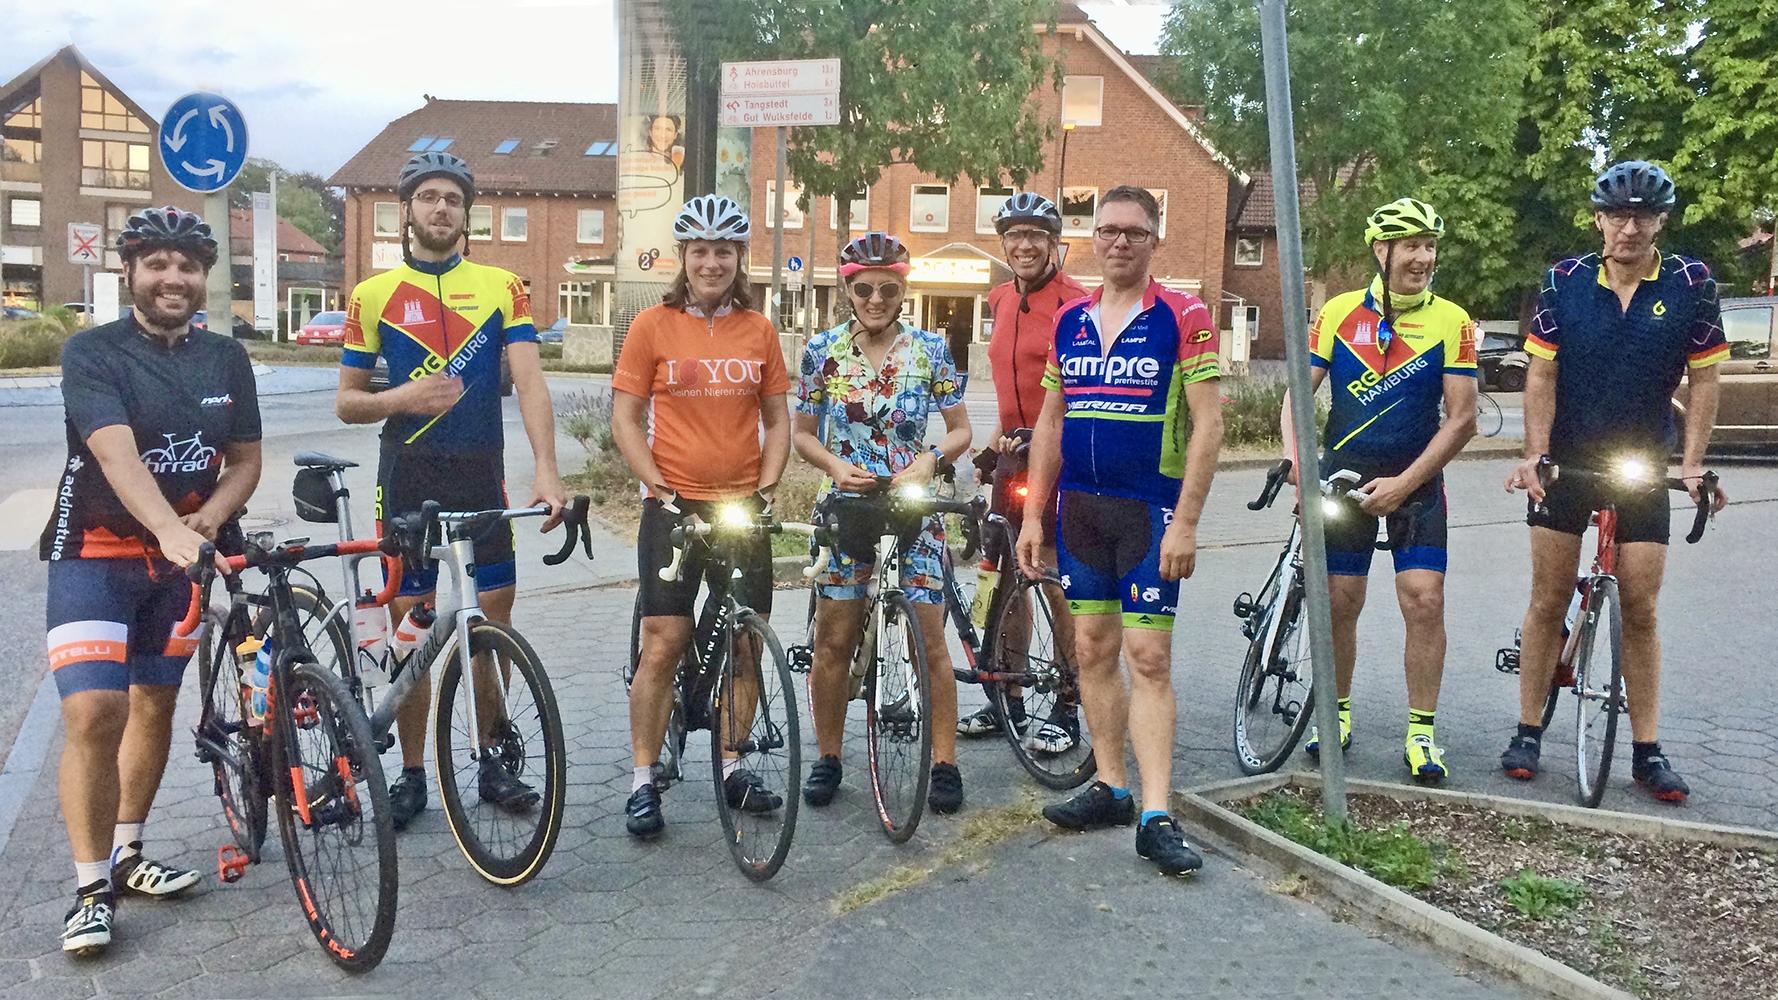 Rennrad-Team Duvenstedt 2021